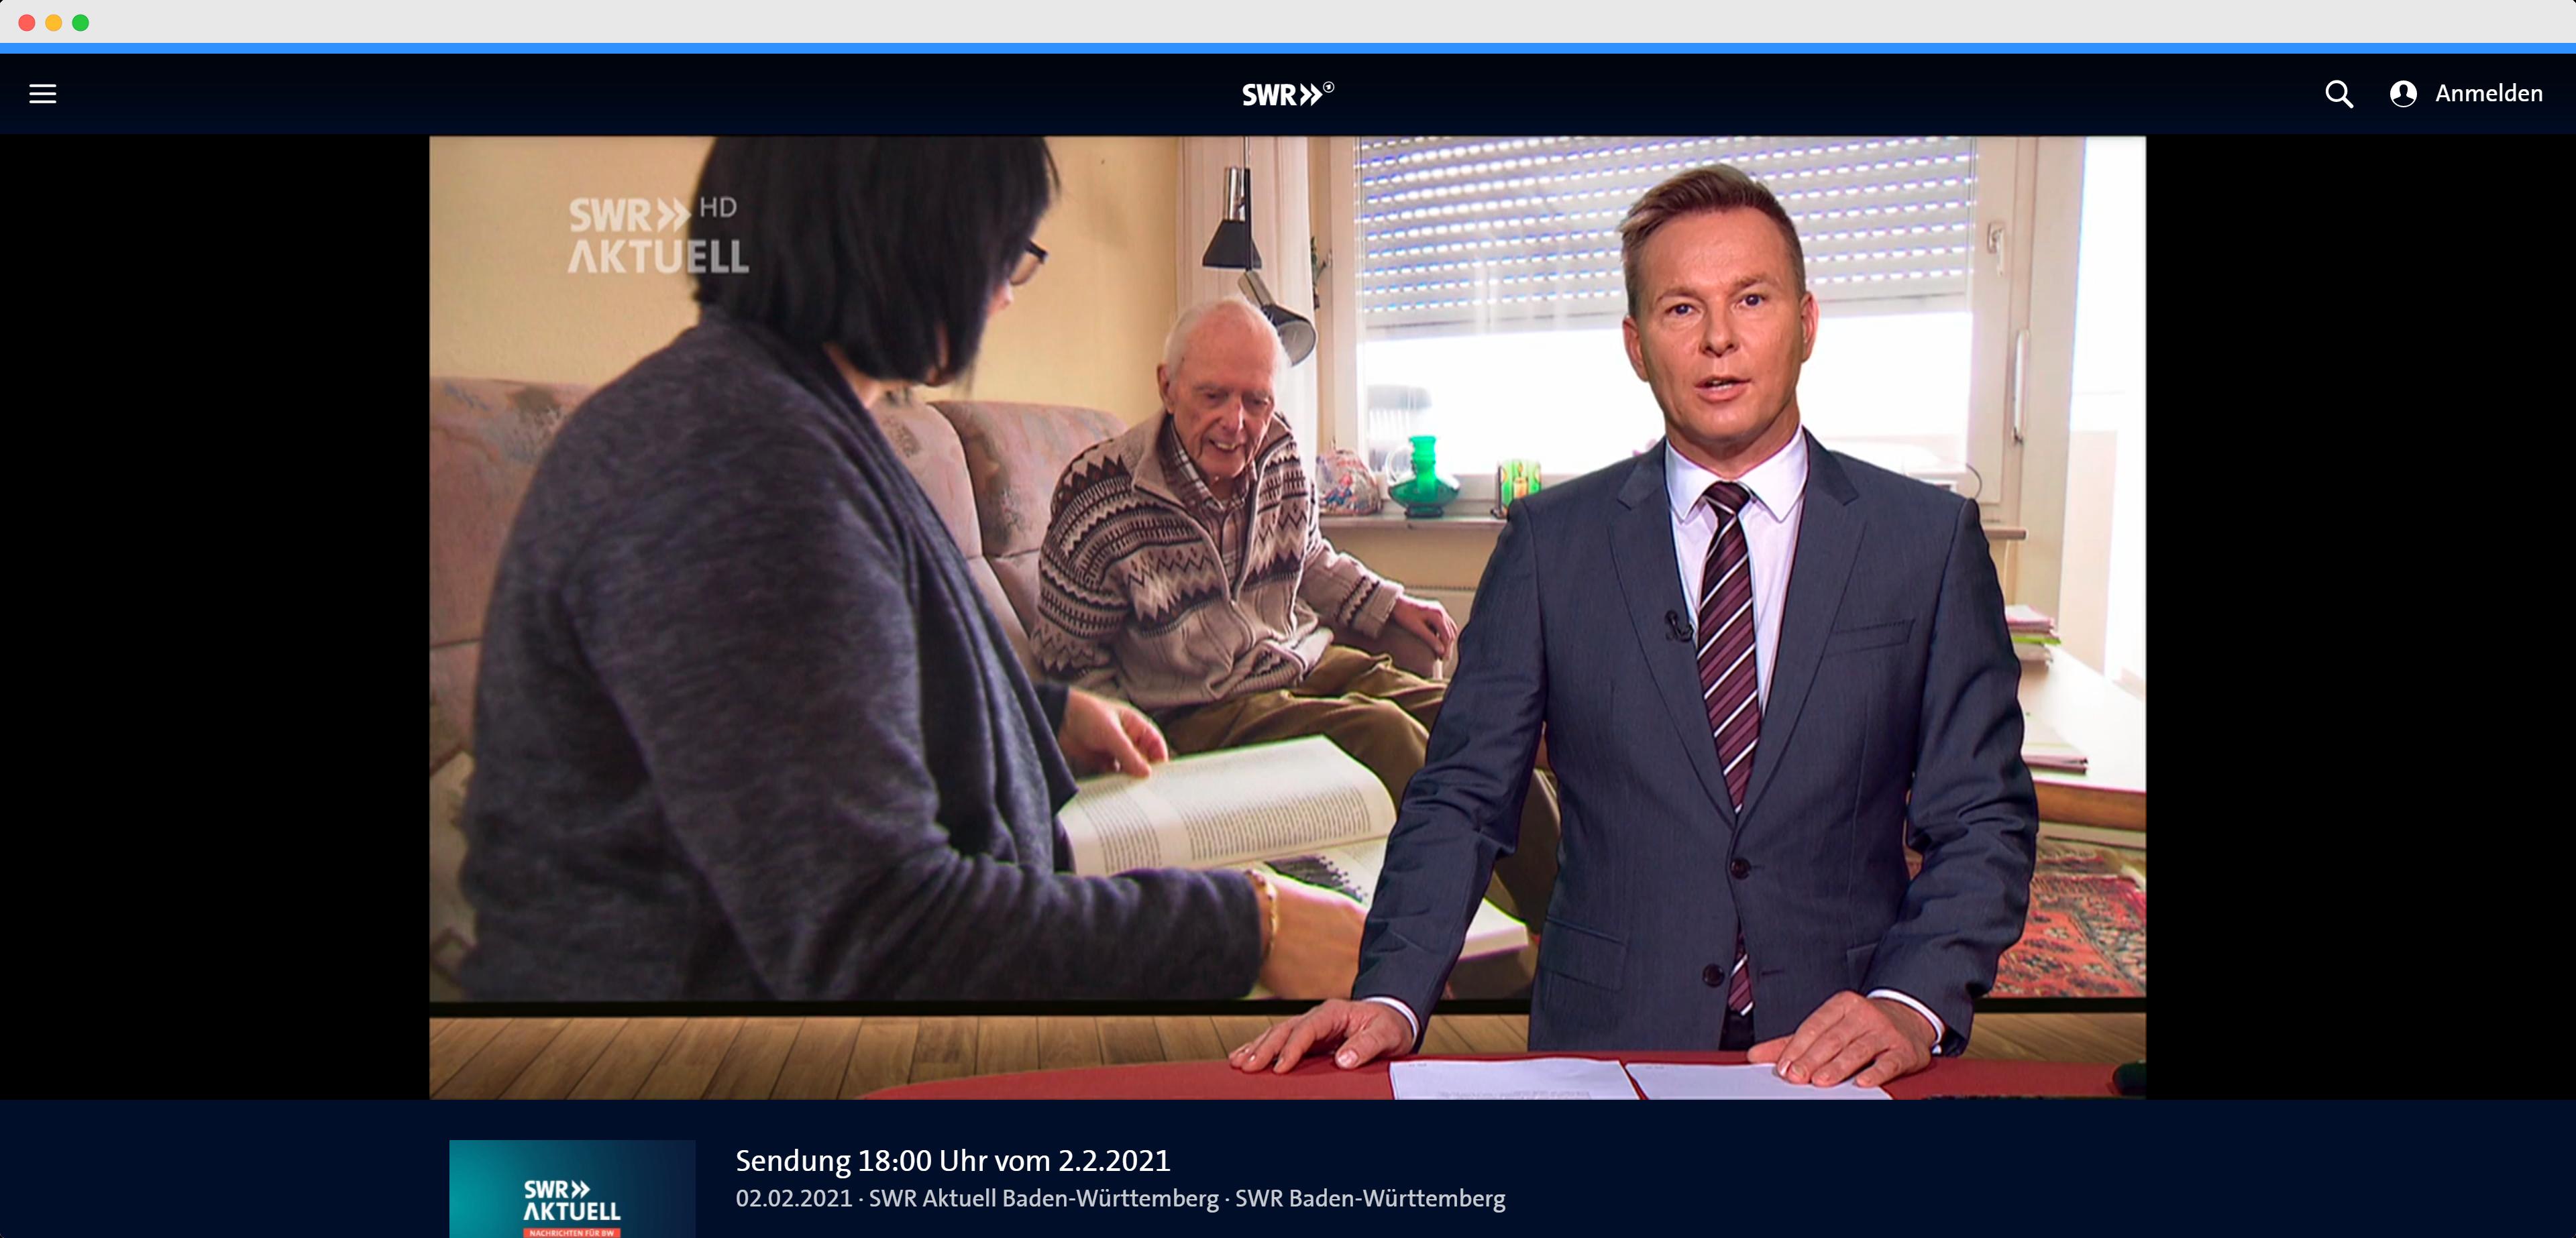 Die SWR Landesschau interviewt in einem Fernsehbeitrag pflegebedürftige Menschen, Betreuungskräfte und Mecasa zur DIN SPEC 33454